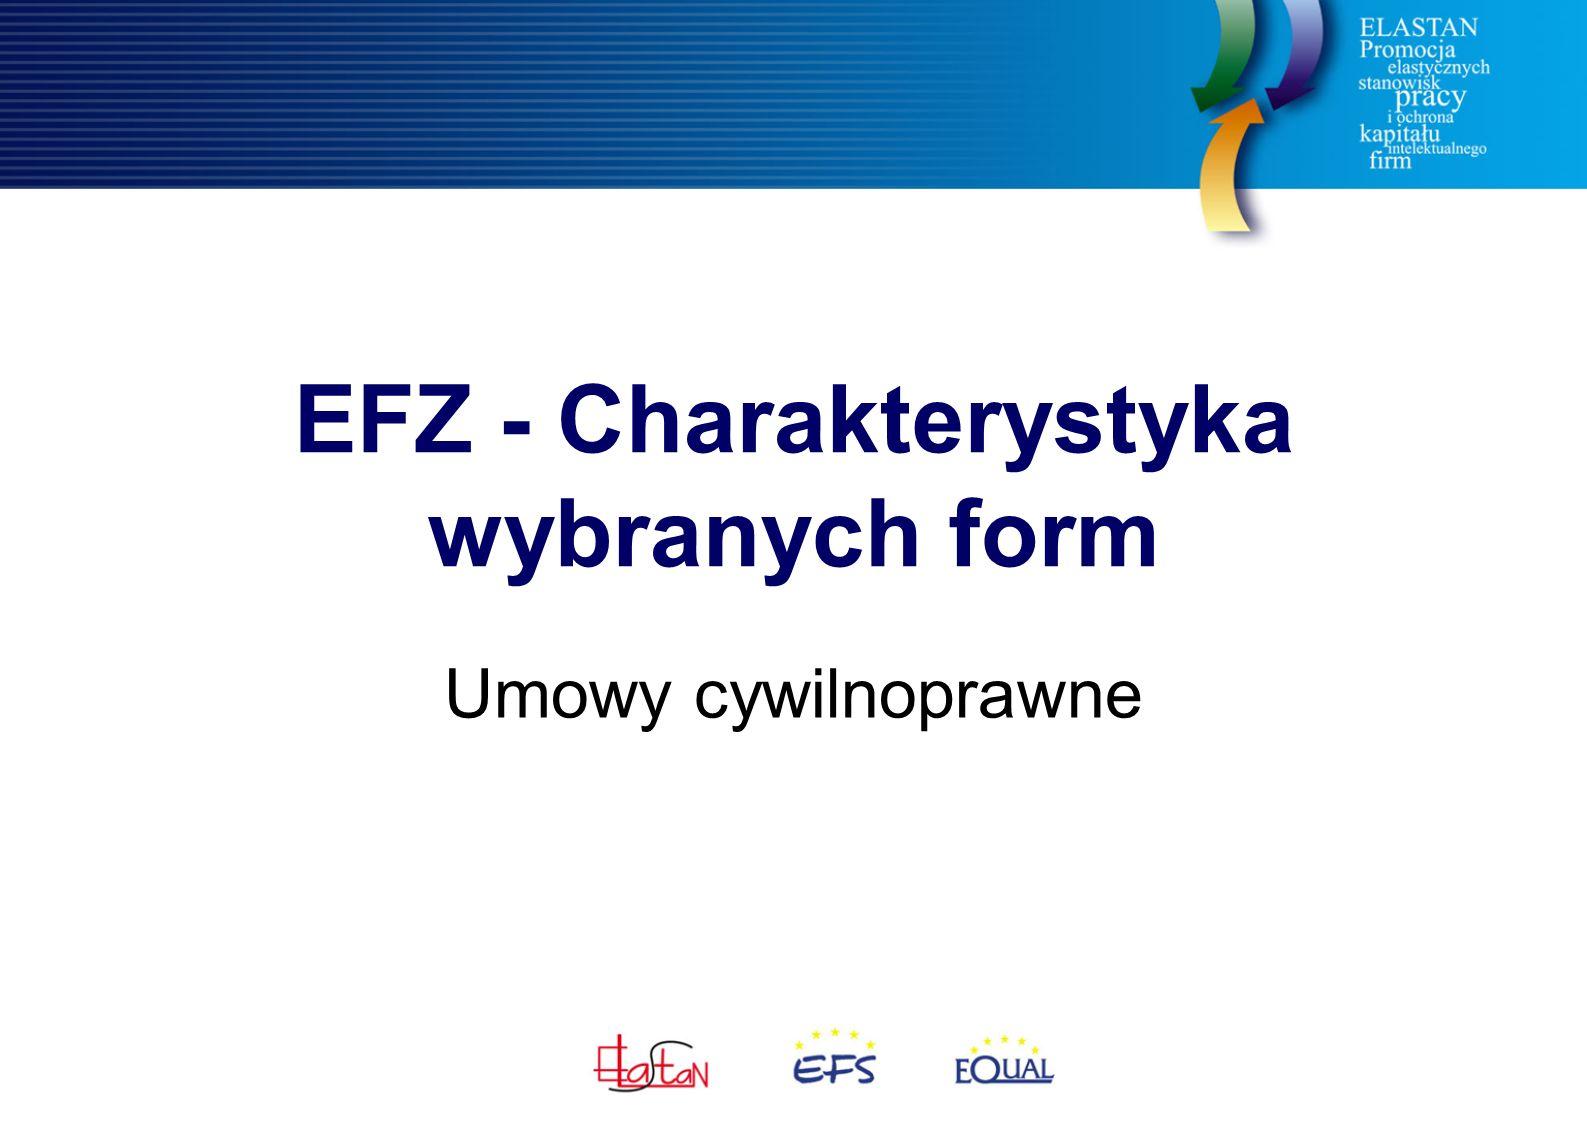 EFZ - Charakterystyka wybranych form Umowy cywilnoprawne